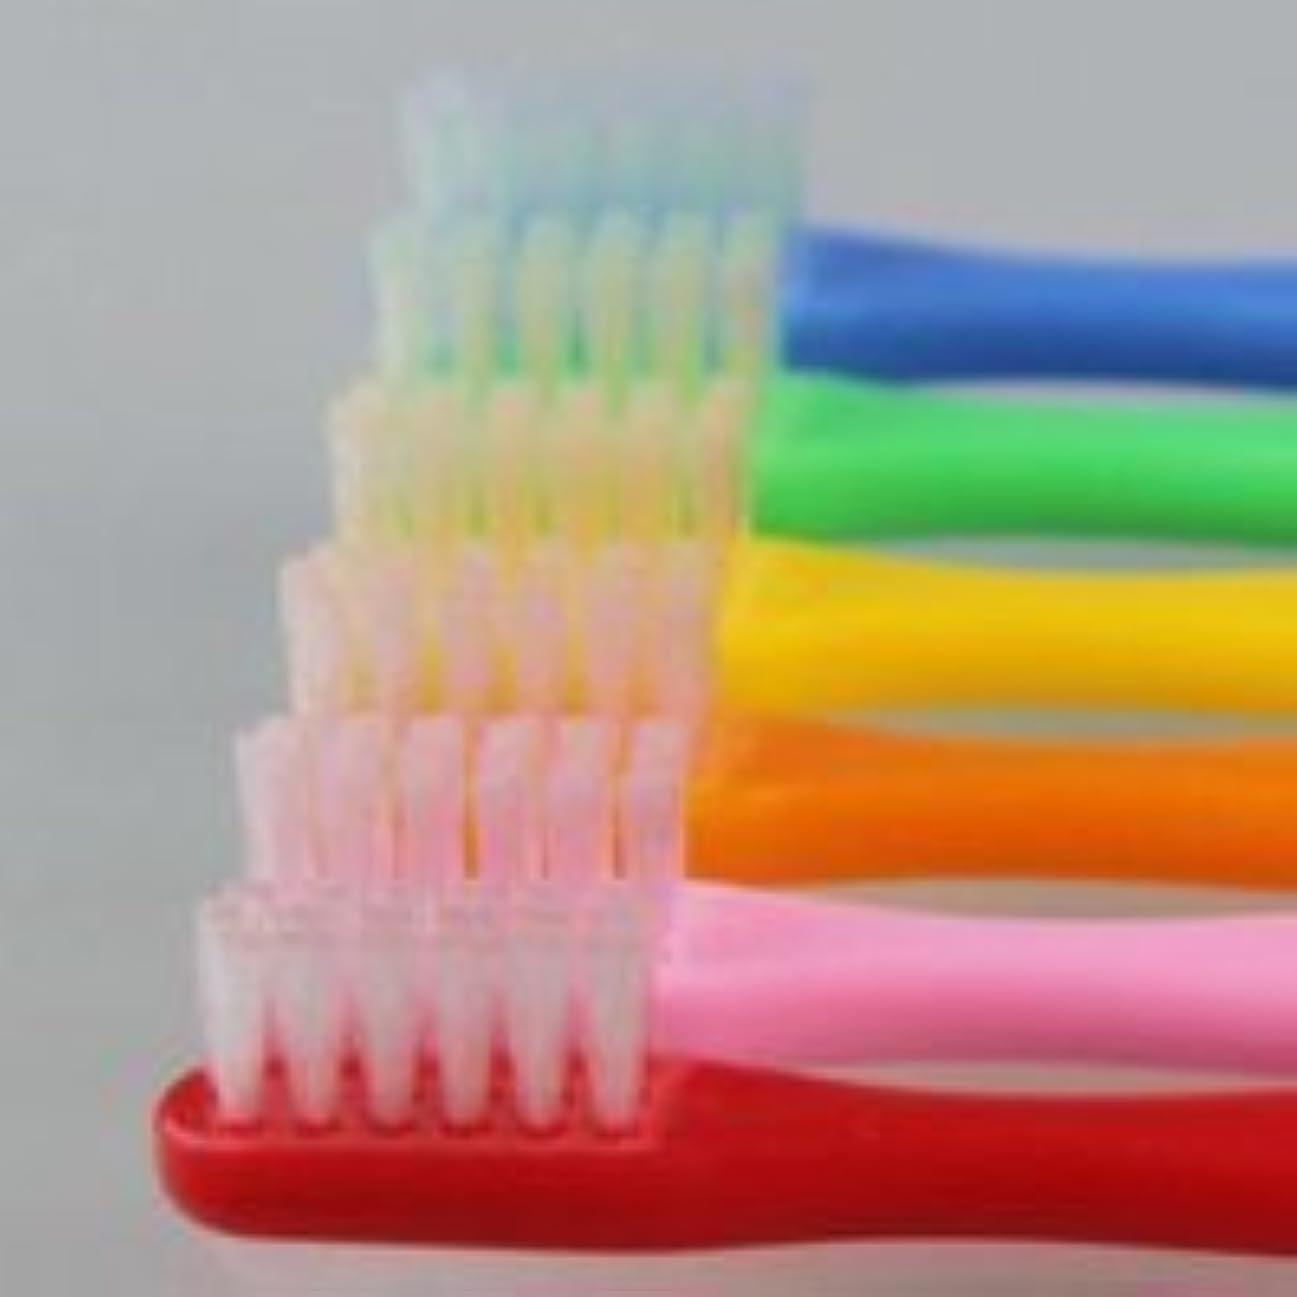 鎮静剤累積参加者サムフレンド 歯ブラシ #10(乳歯~6才向け) 6本 ※お色は当店お任せです